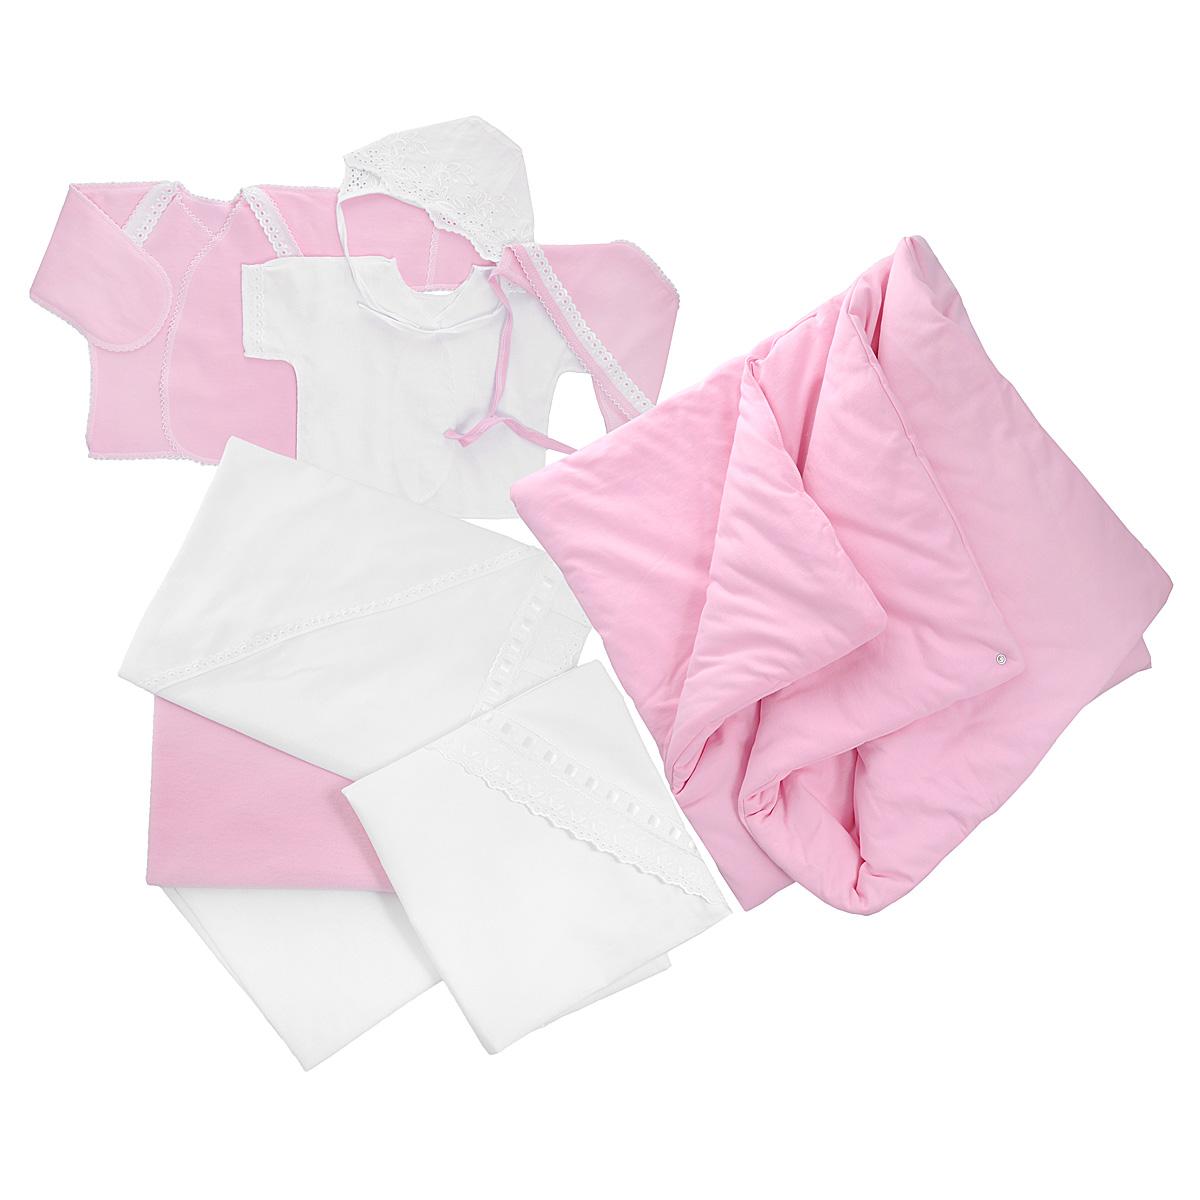 Комплект для новорожденного Трон-Плюс, 9 предметов, цвет: белый, розовый. 3476. Размер 62, 3 месяца